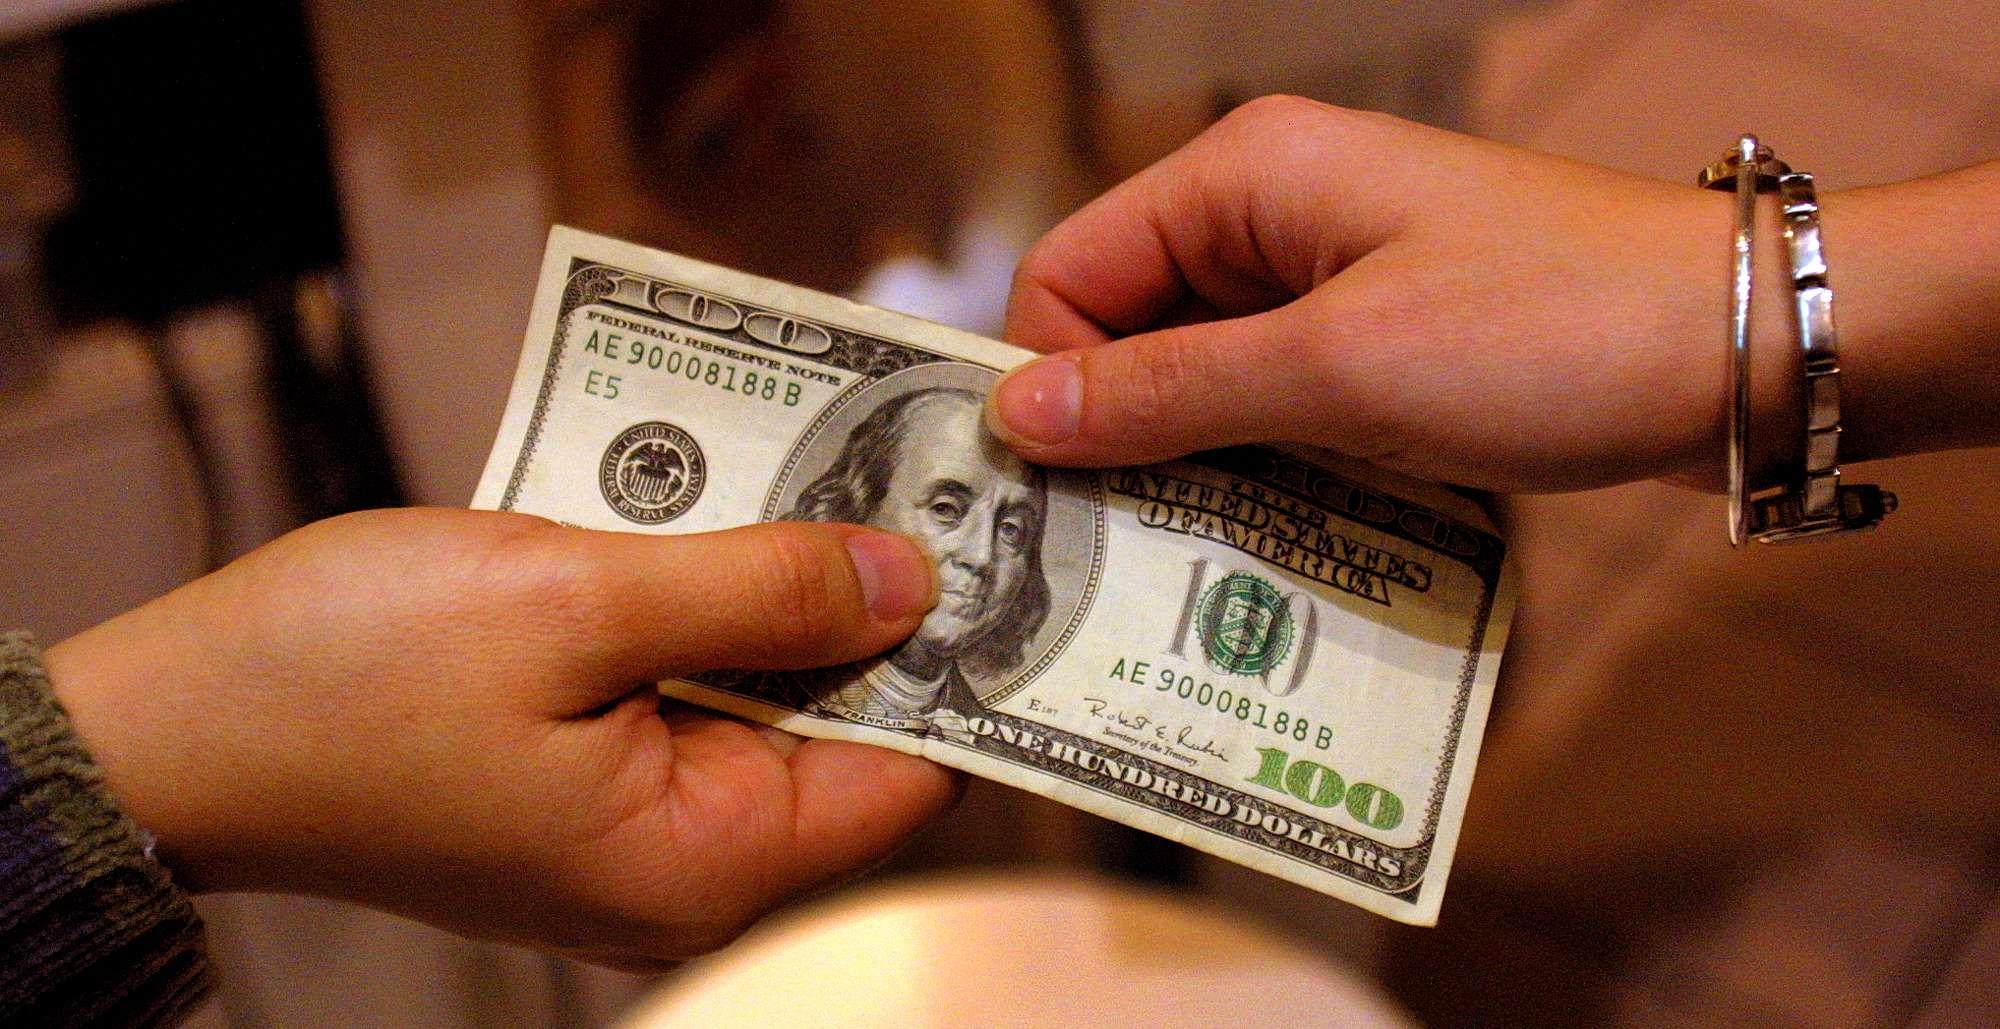 El dólar sigue fuerte frente al peso. Foto: Getty Images